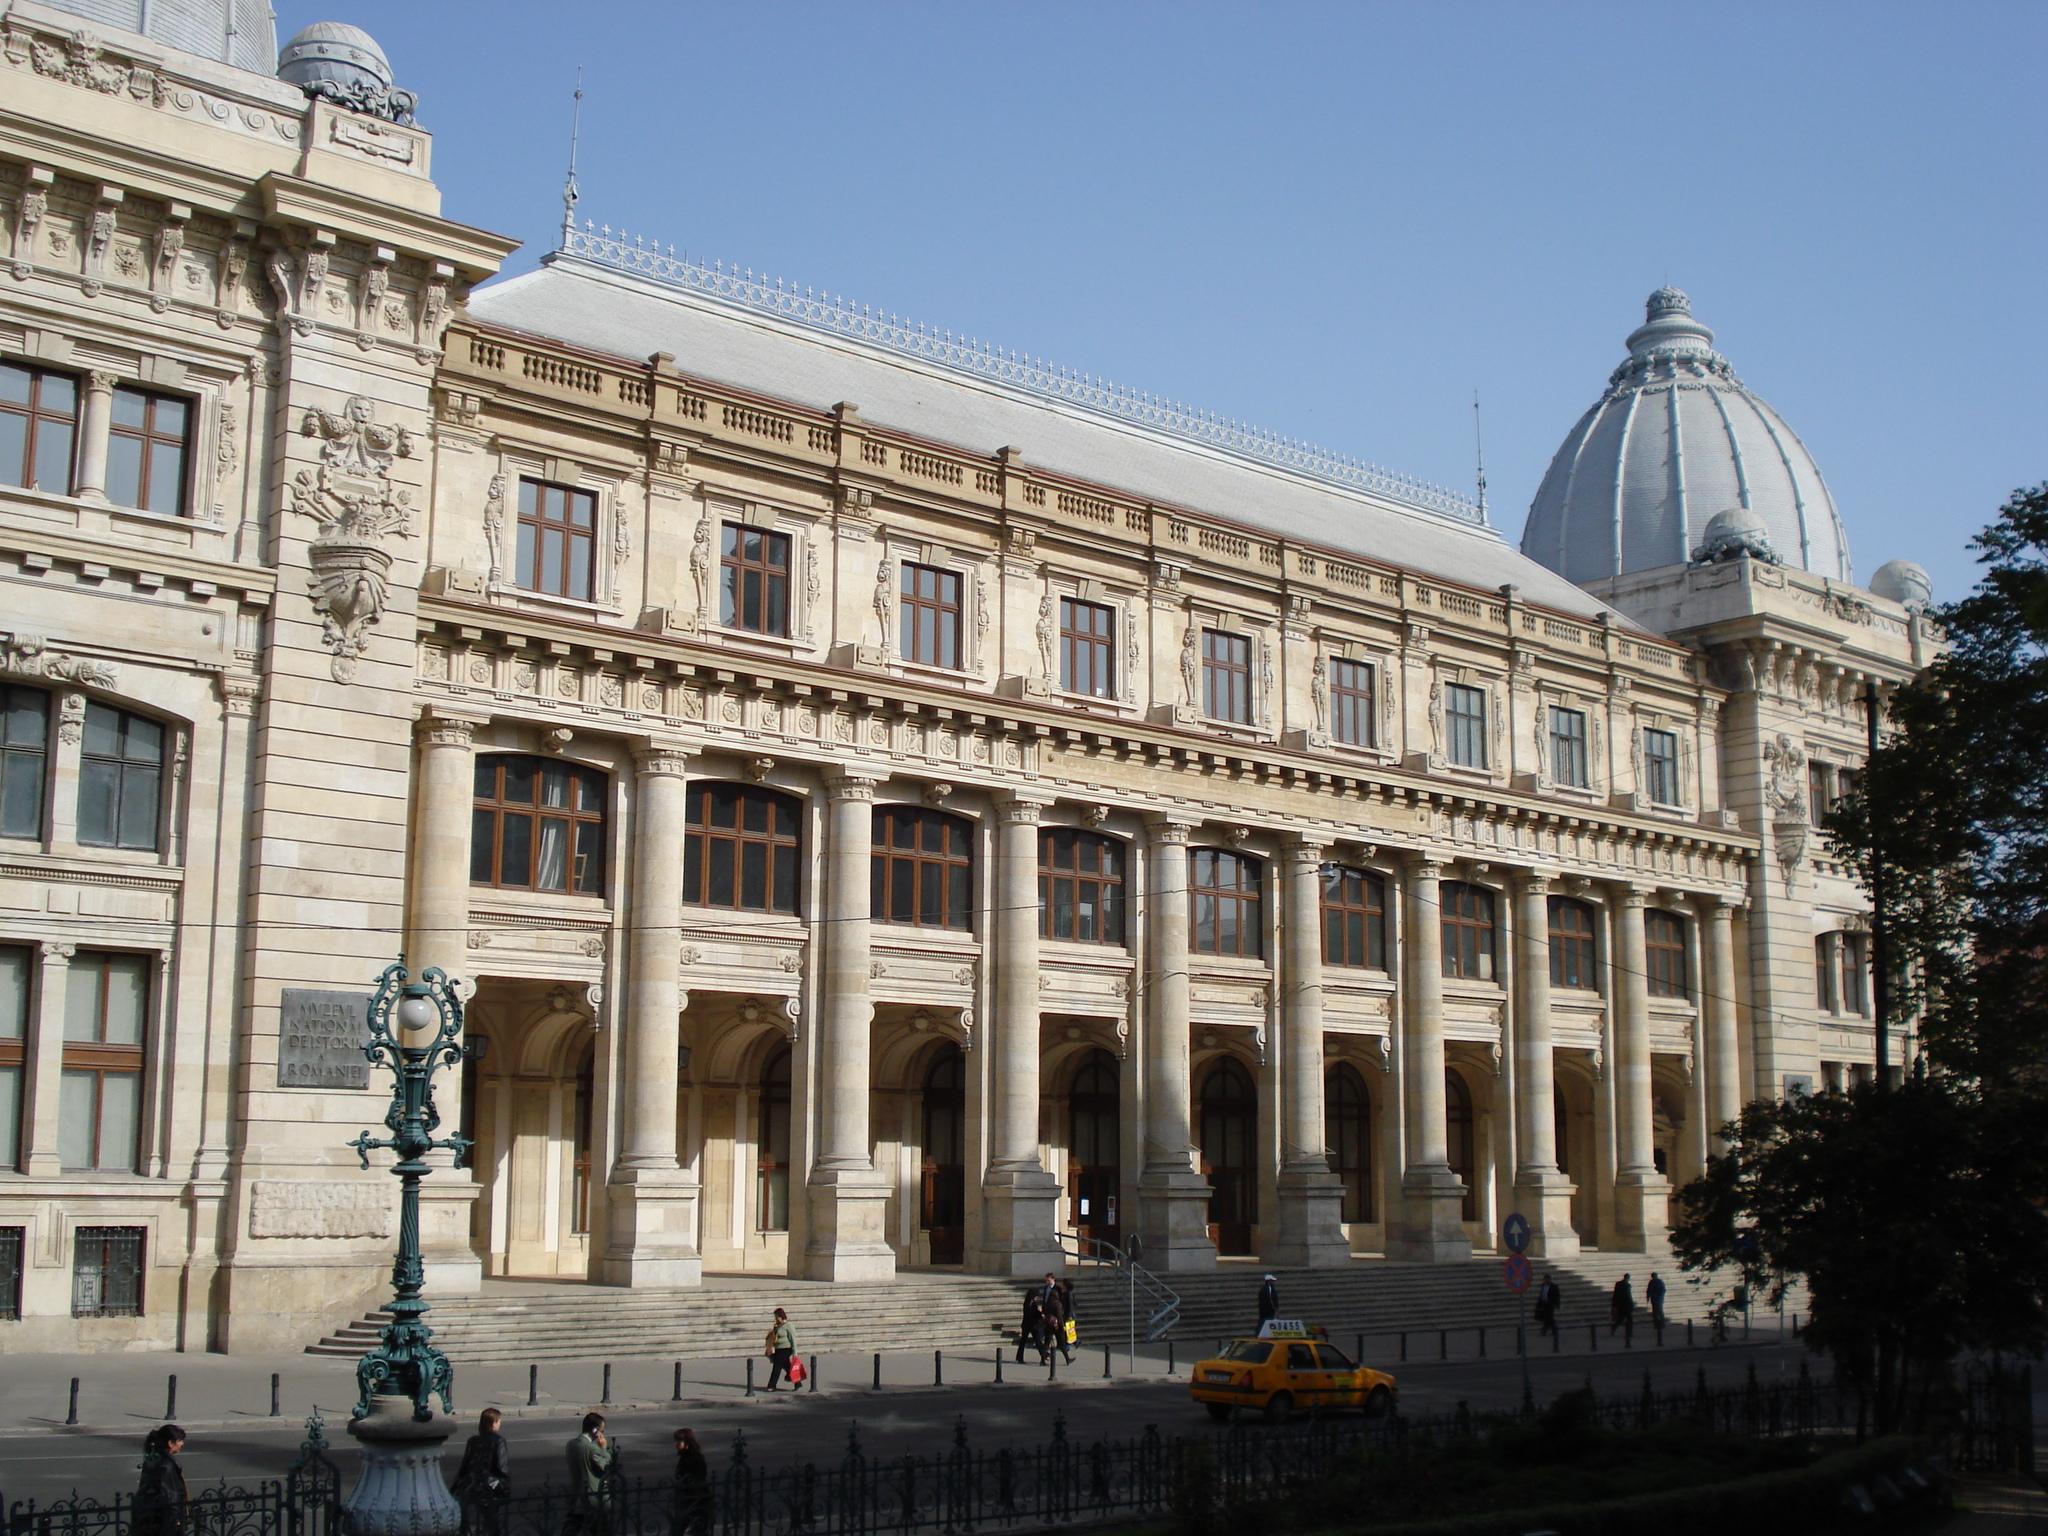 Muzeul_National_de_Istorie_a_Romaniei